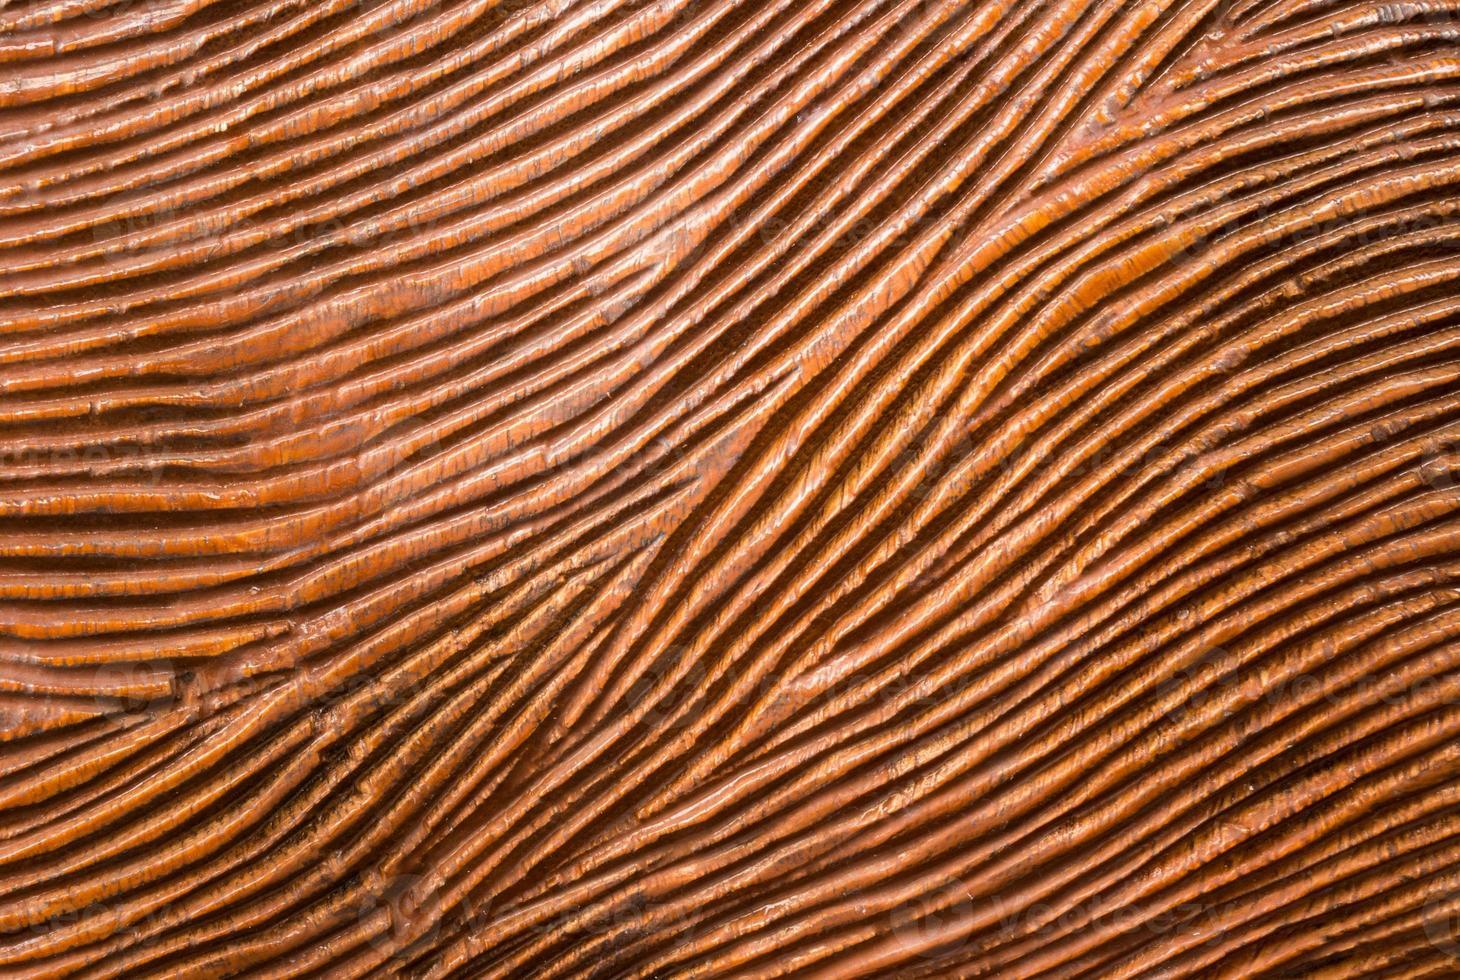 legno rosso intagliato tradizionale con linea di flusso foto